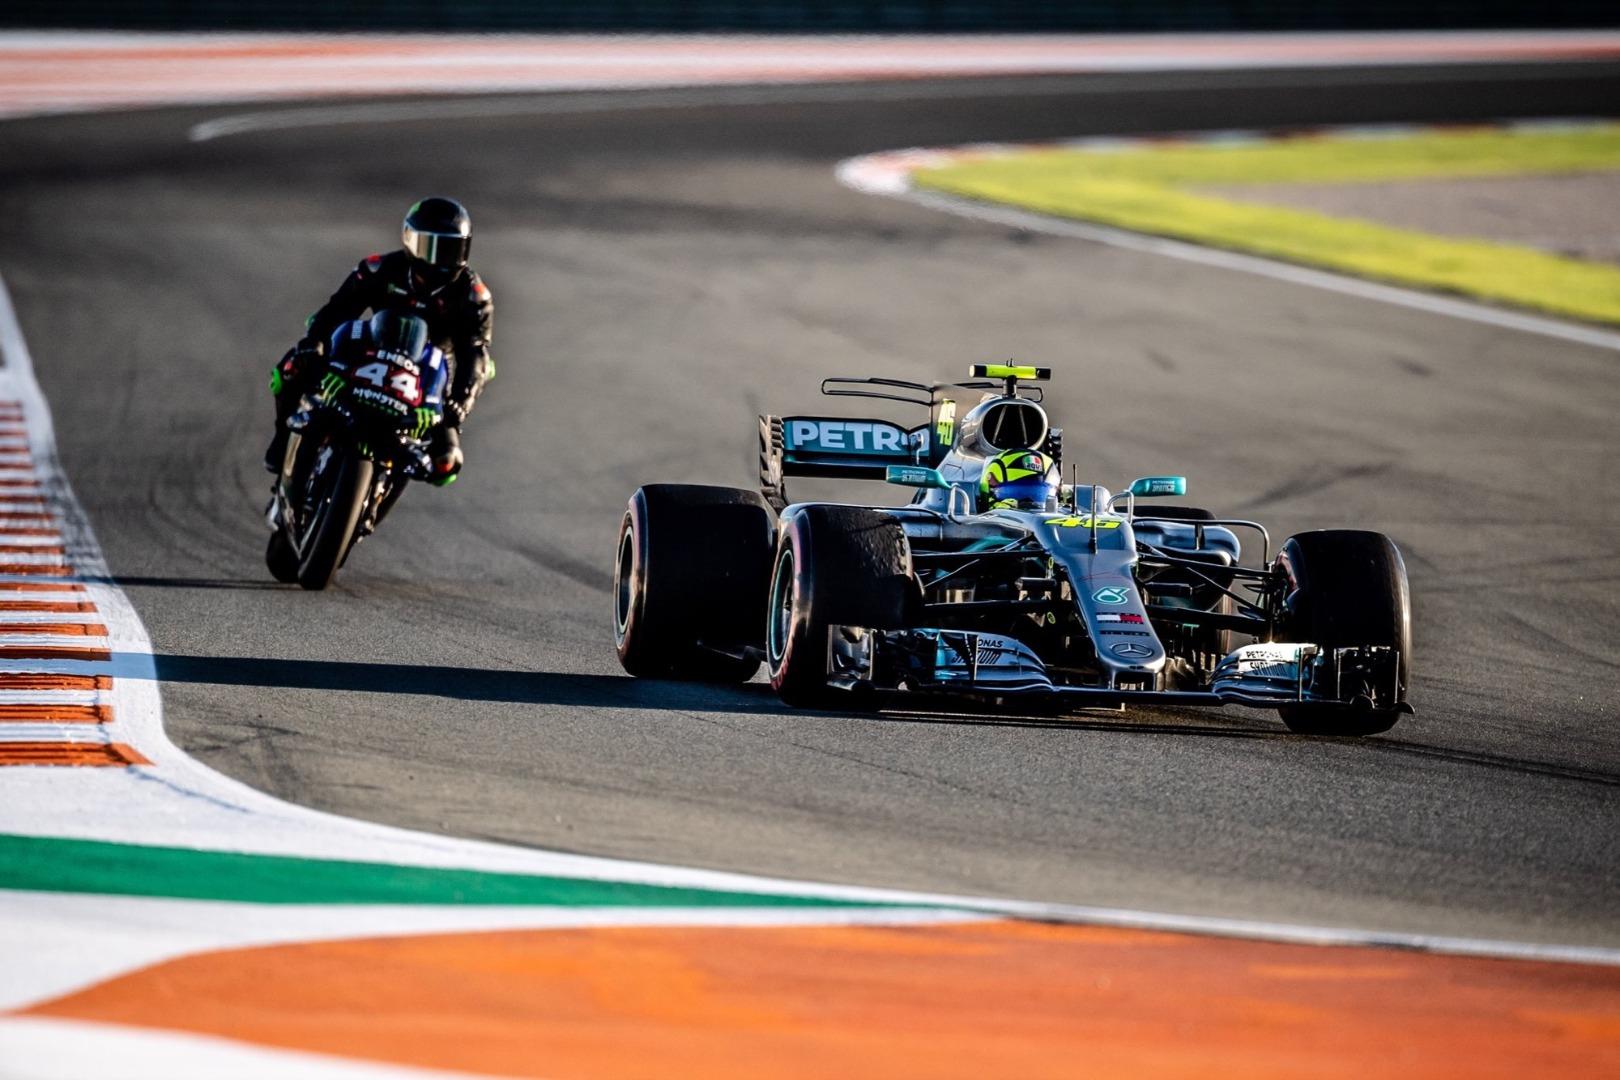 Rossi F1 Y Hamilkton MotoGp 2